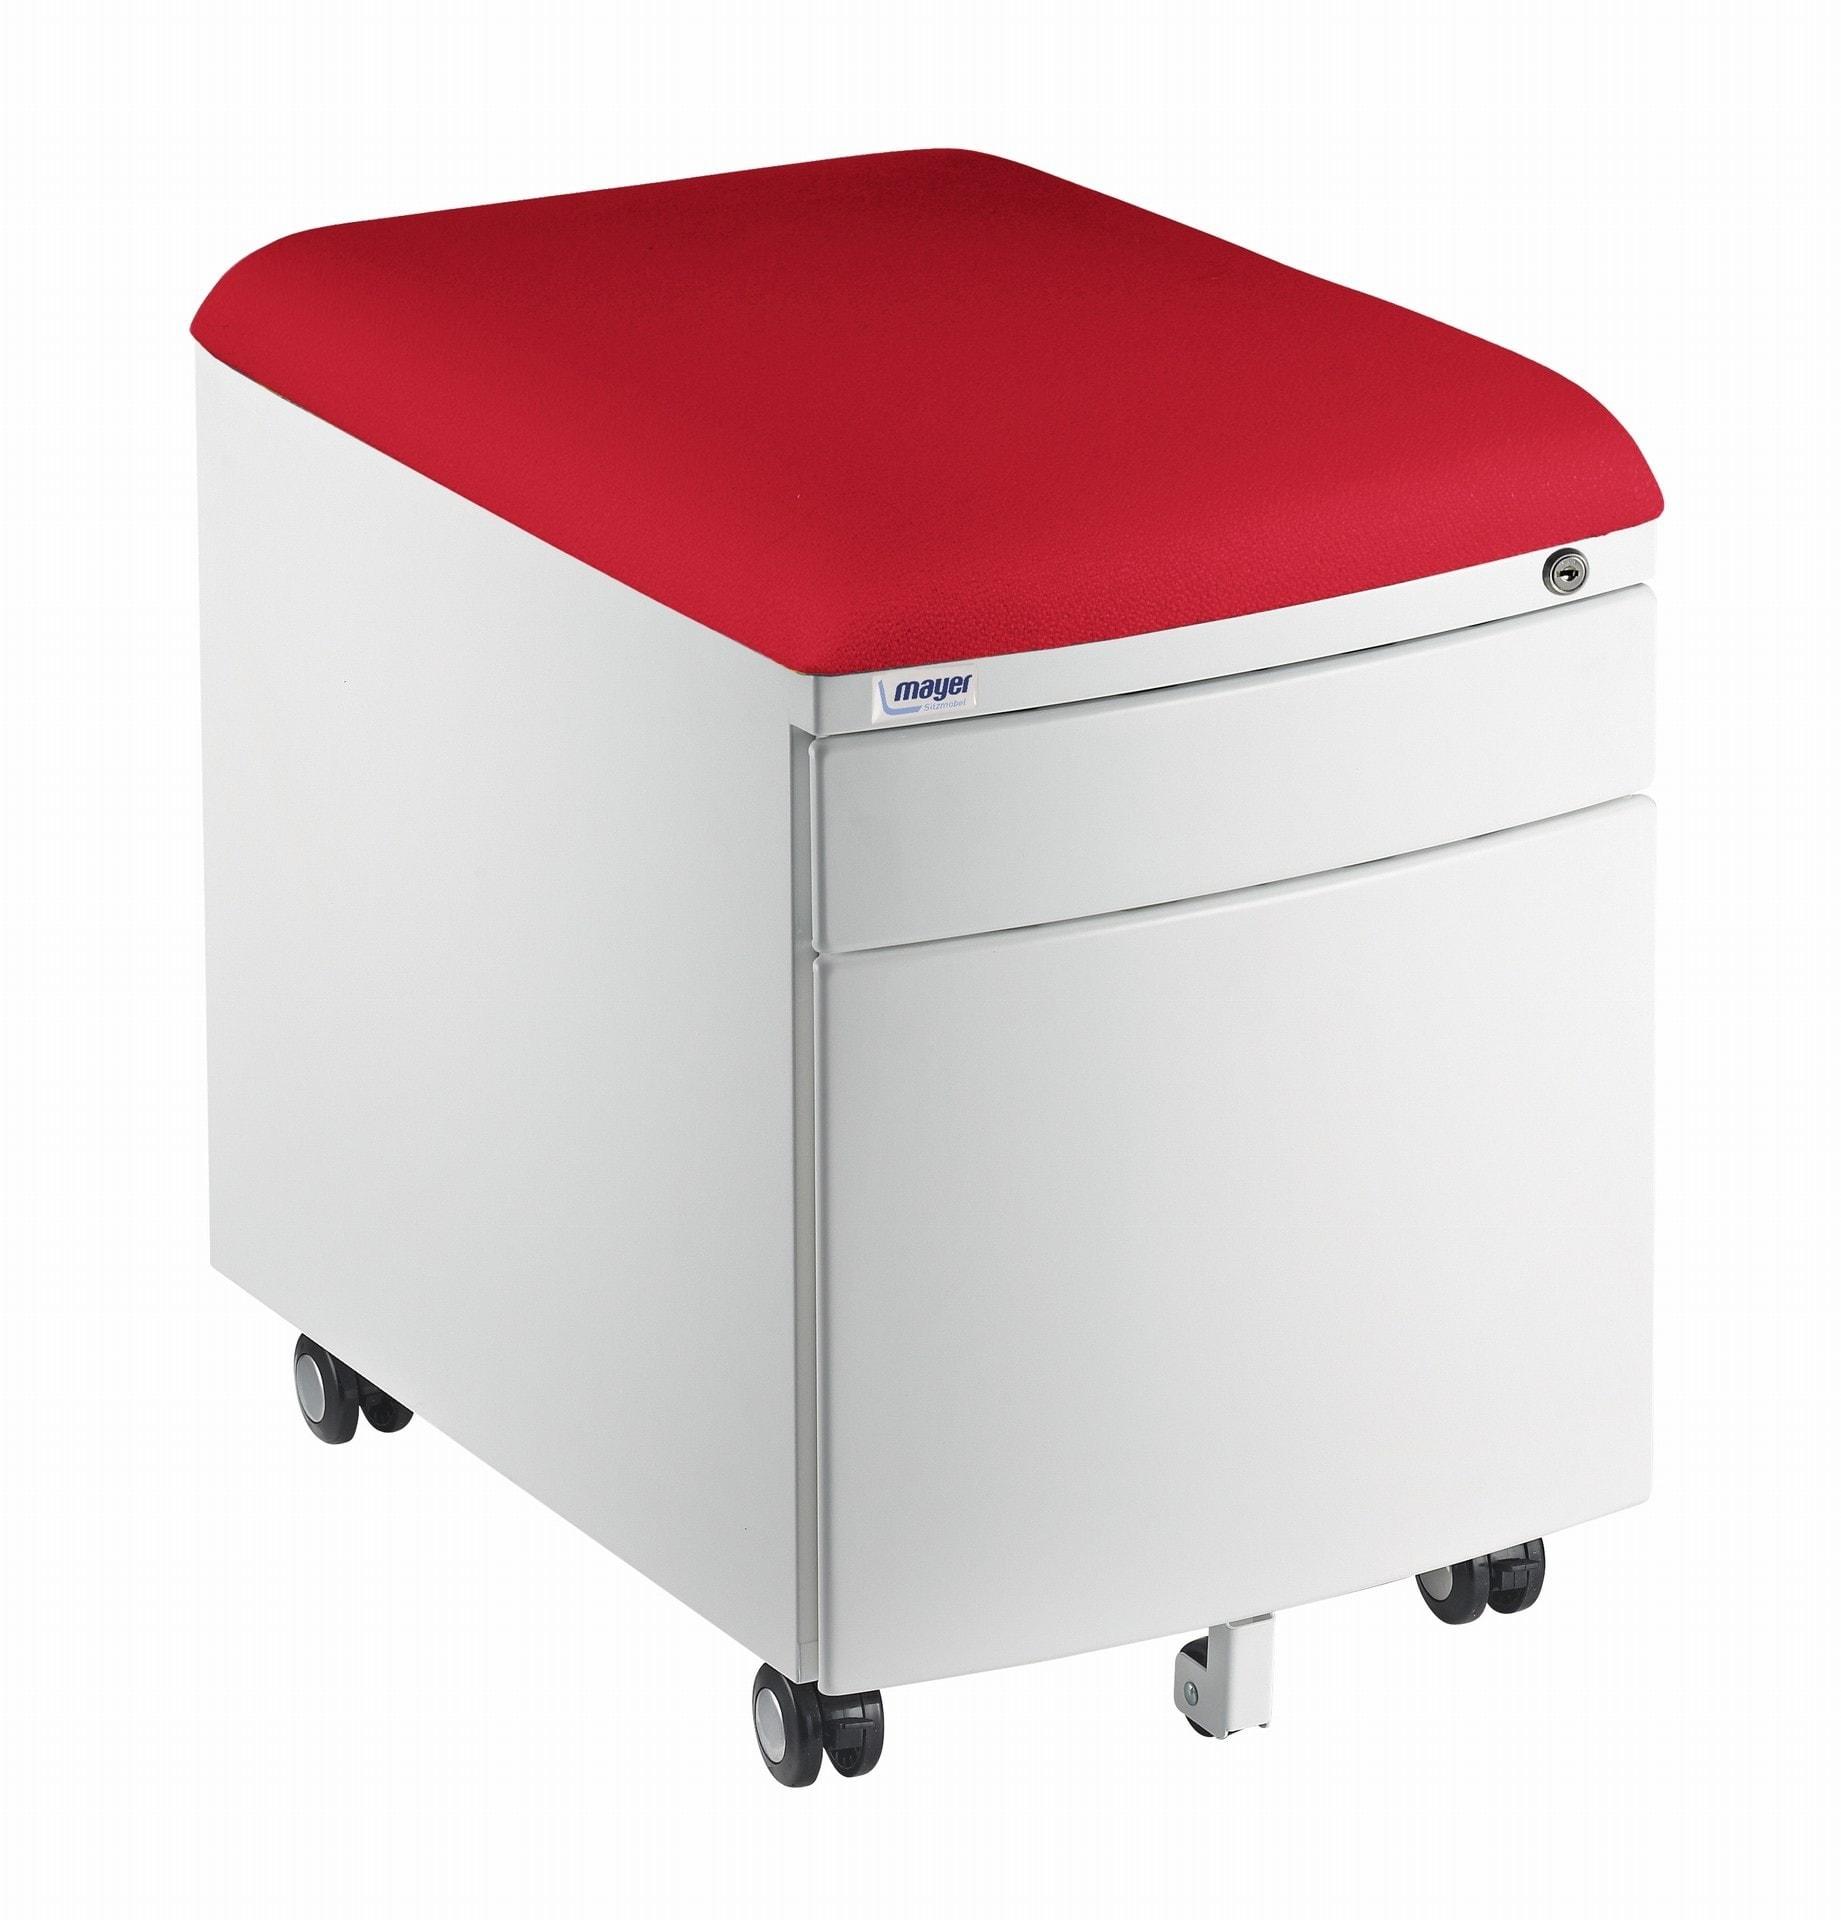 Kontener Mayer bílý s červeným potahem Aquaclean